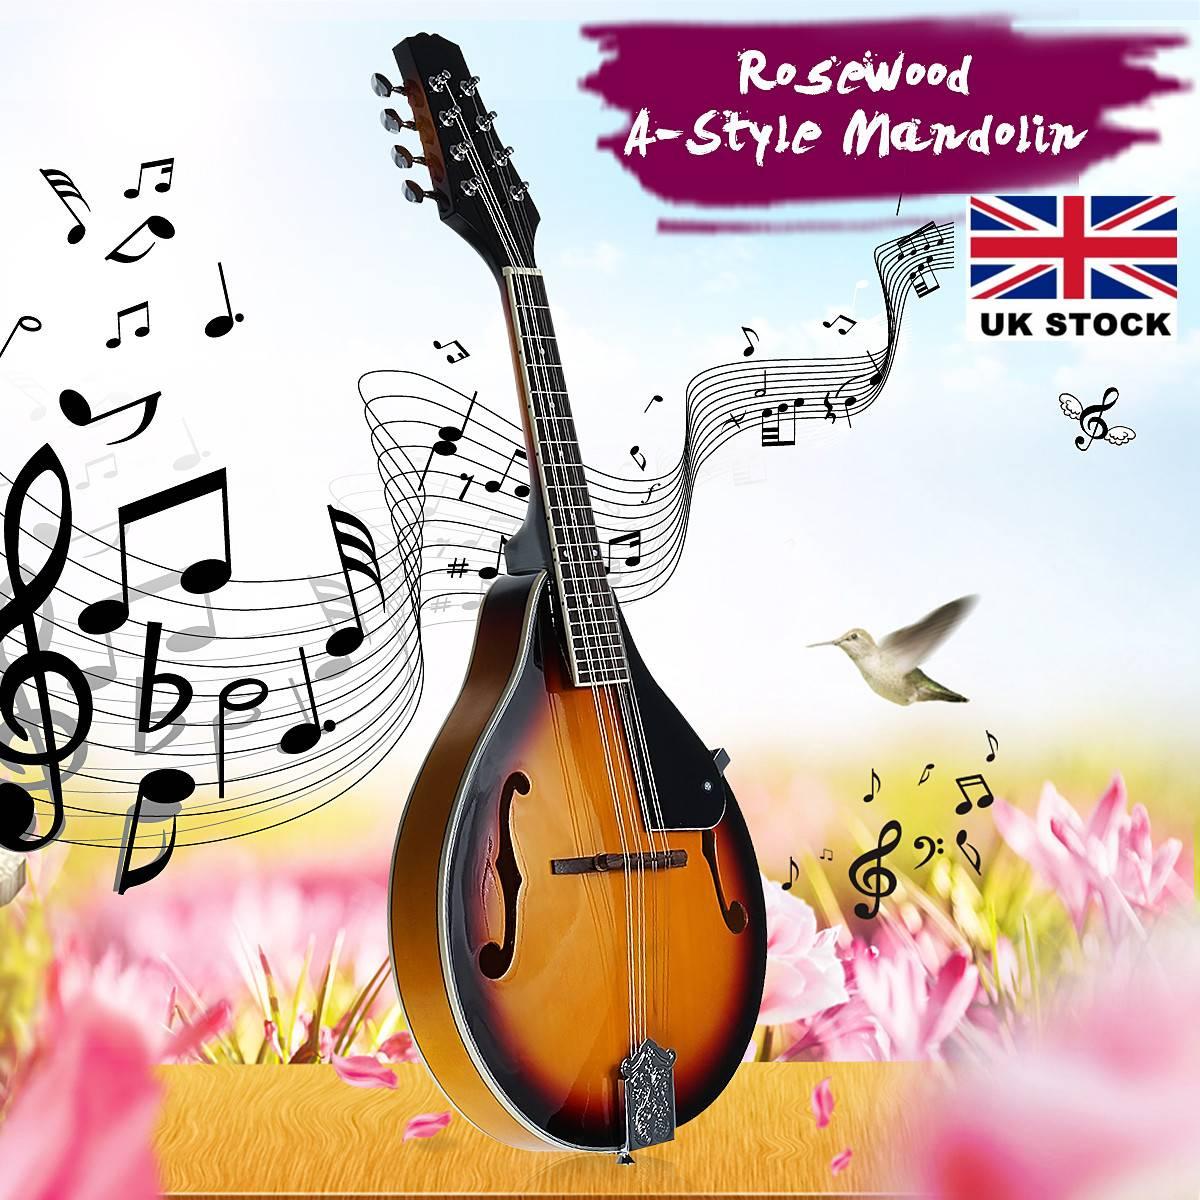 SENRHY coucher de soleil couleur palissandre 8 cordes F trou guitare basse électrique 20 Fret ukulélé pour les amateurs d'instruments à cordes musicales